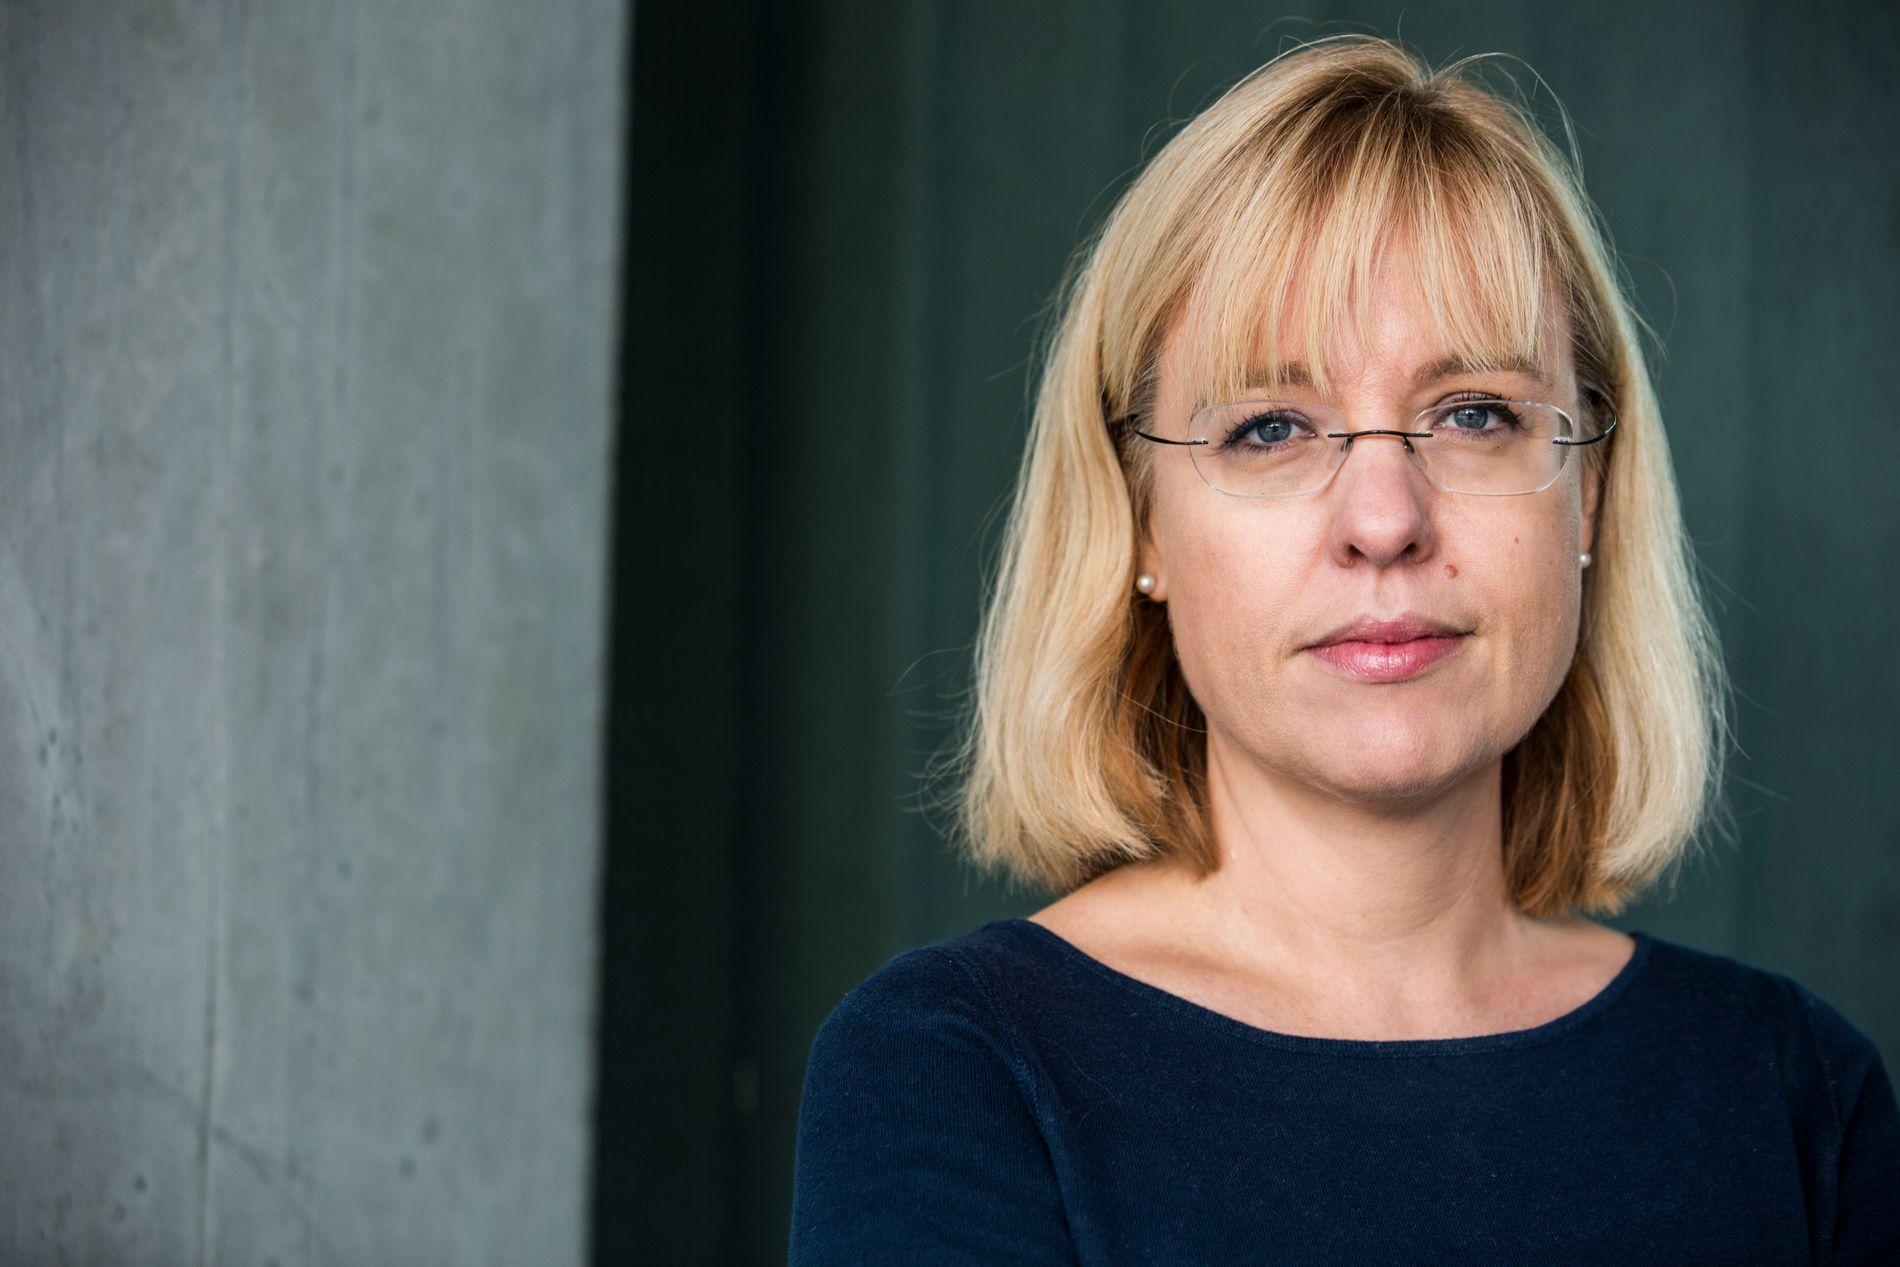 Språkdirektør Åse Wetås mener staten har et ansvar for å velge navn som tydelig viser hva selskapet driver med. Arkivfoto: Mariam Butt / NTB scanpix